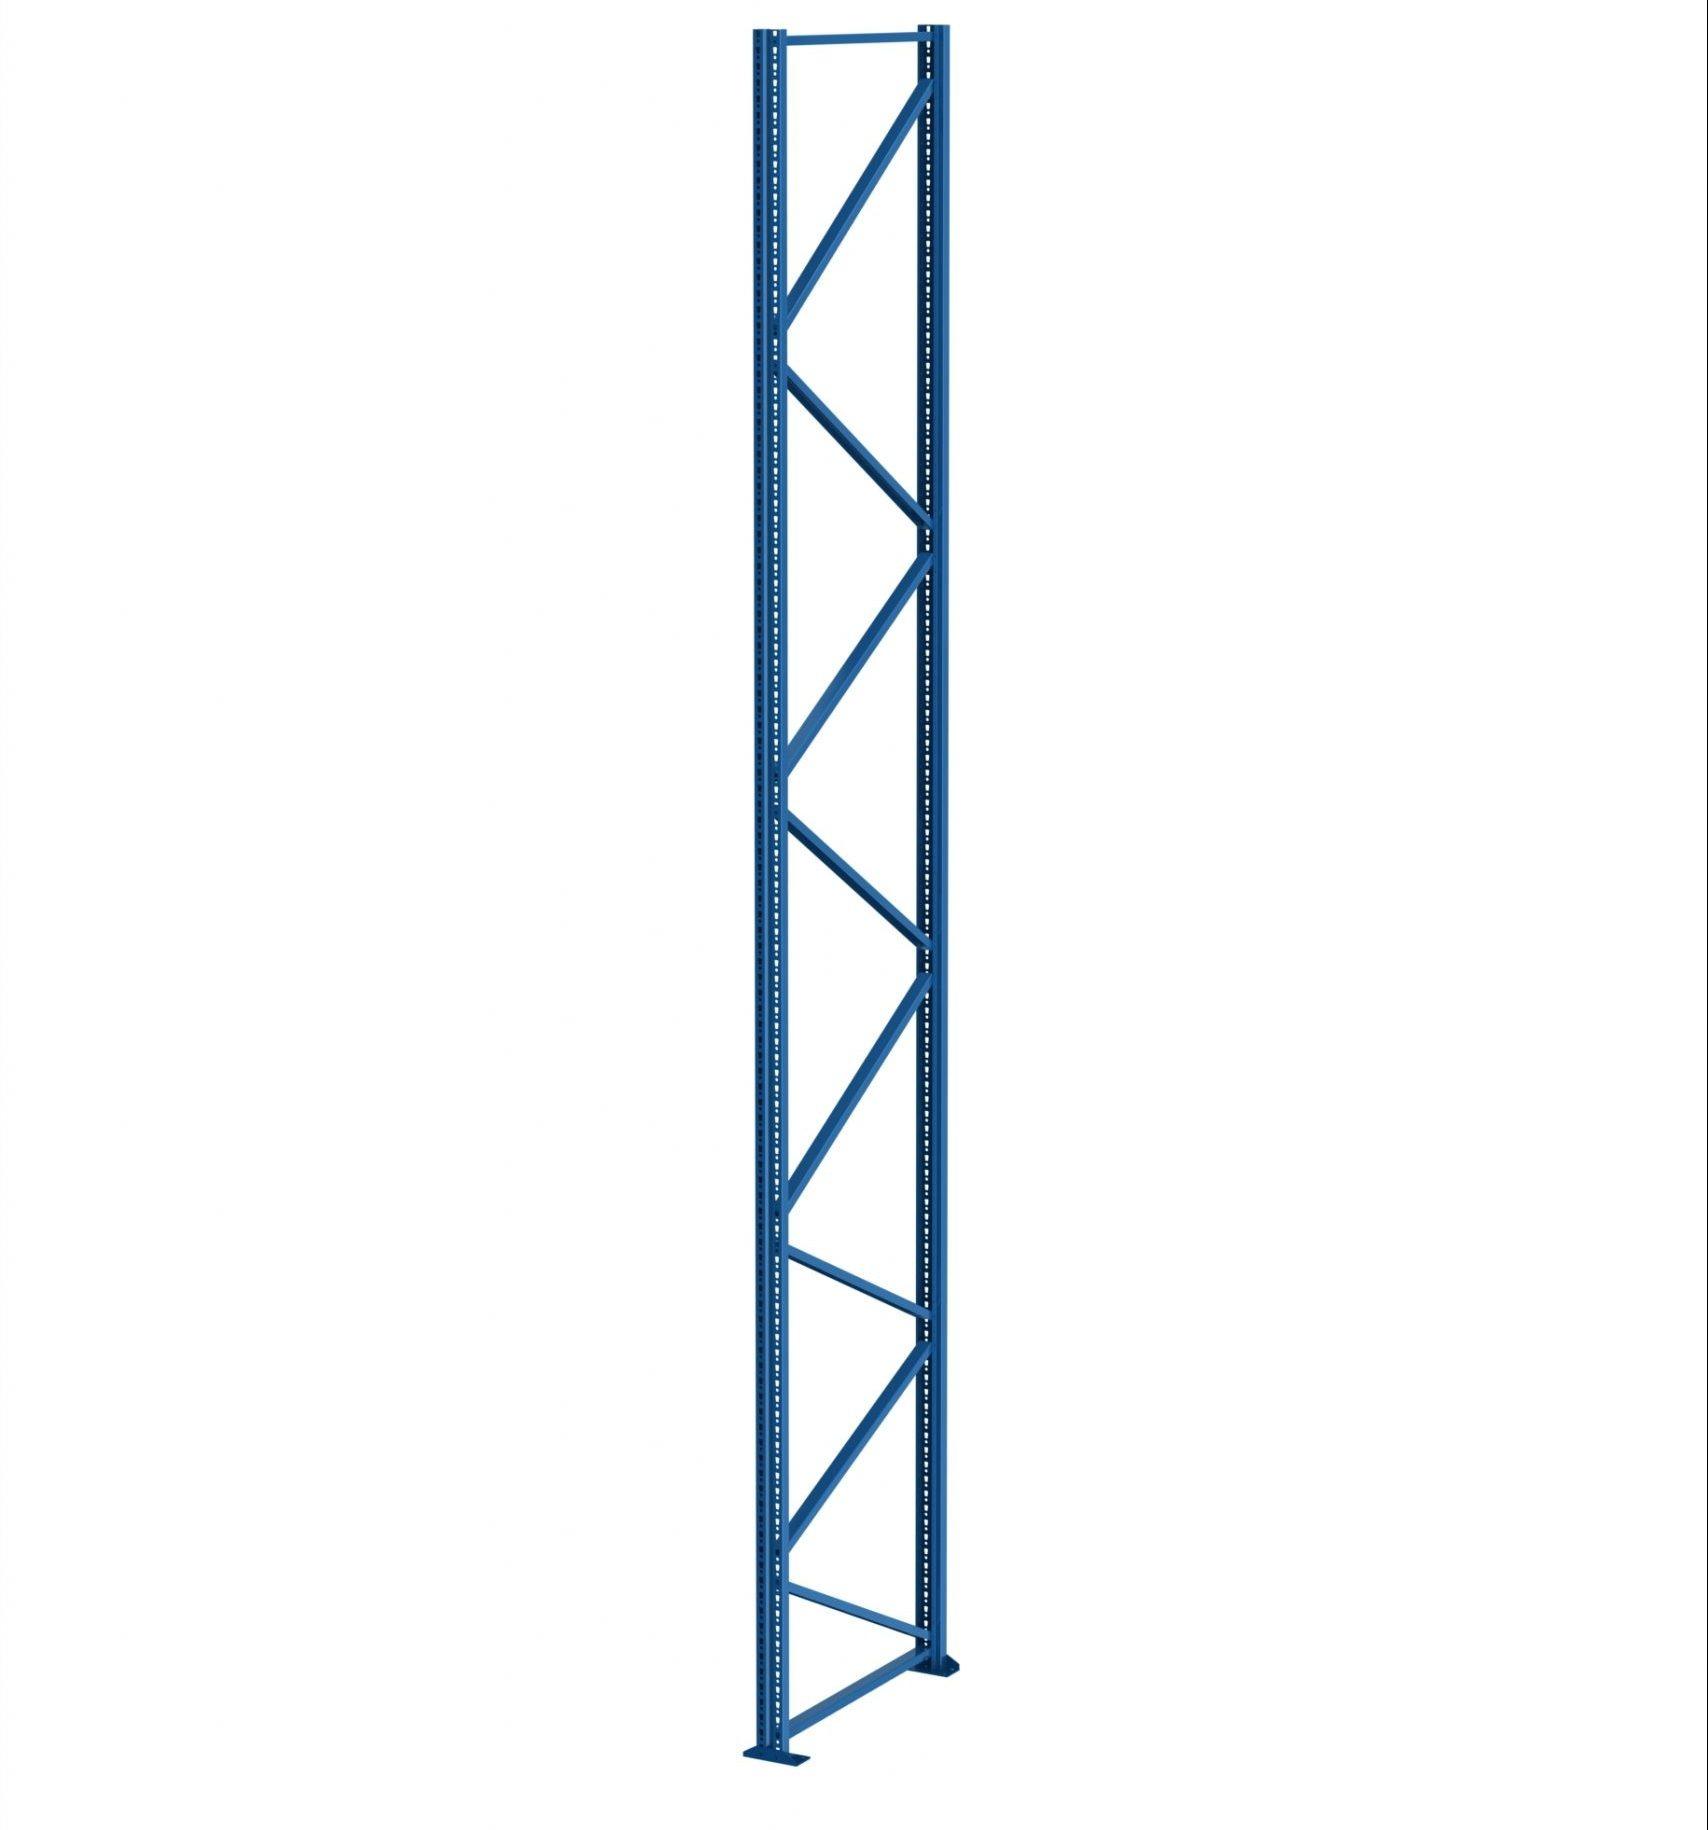 NEDCON Set Ständerrahmen Modell 10068204050 Höhe 5500 mm, Tiefe 1100 mm